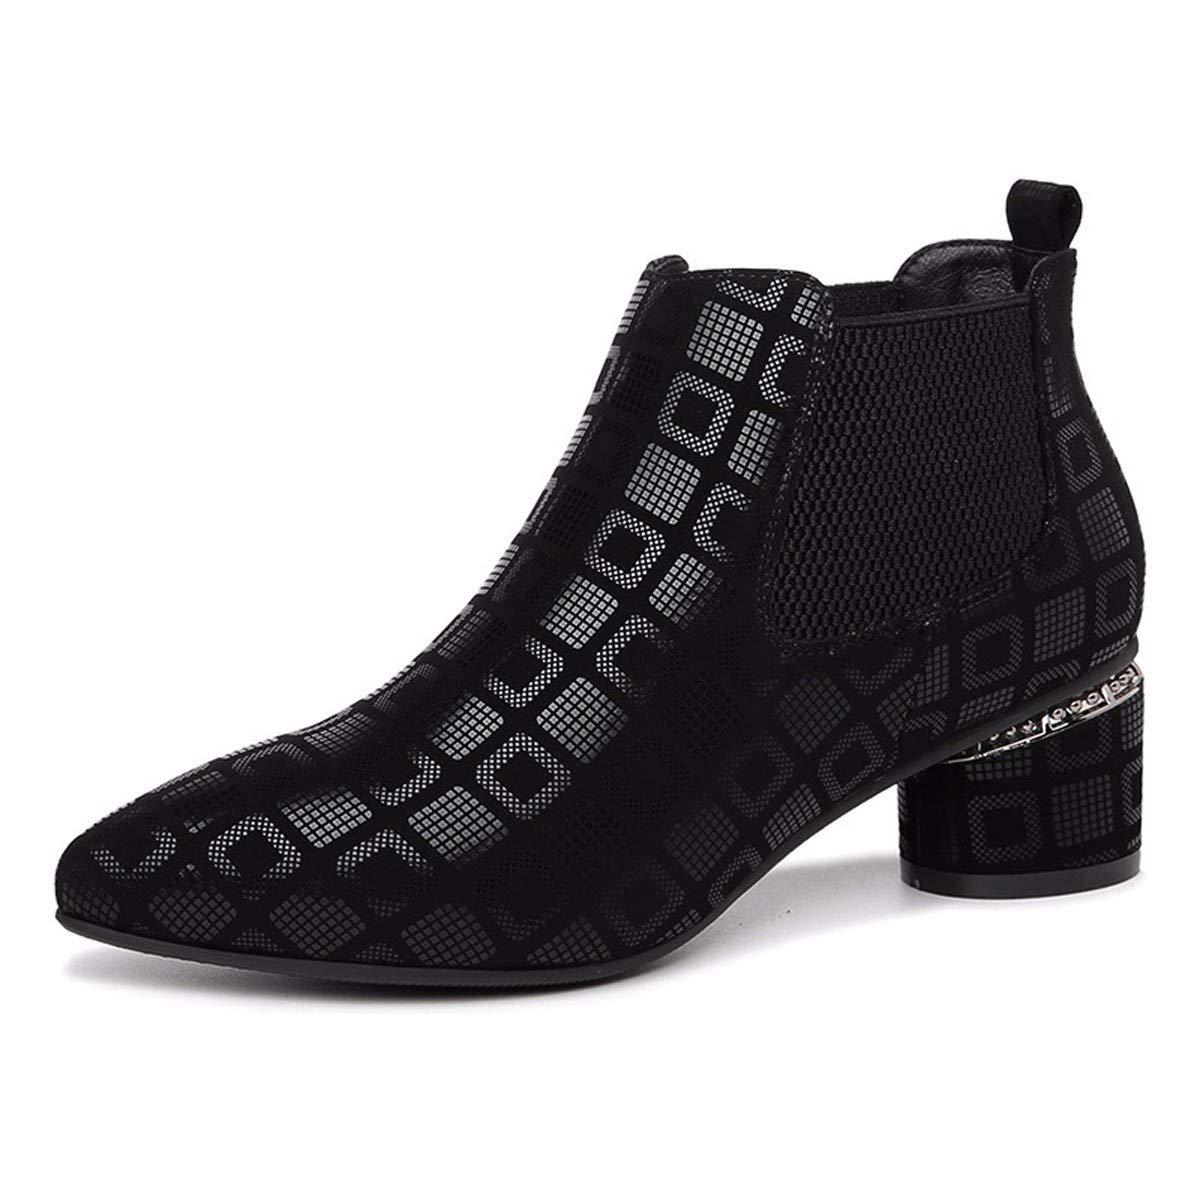 KPHY Kaschmir Damenschuhe Kurz Darauf Stiefel Mittlere Heels Dicke Schuhe Kaschmir KPHY Meine Damen Ärmel. 0ed0e2